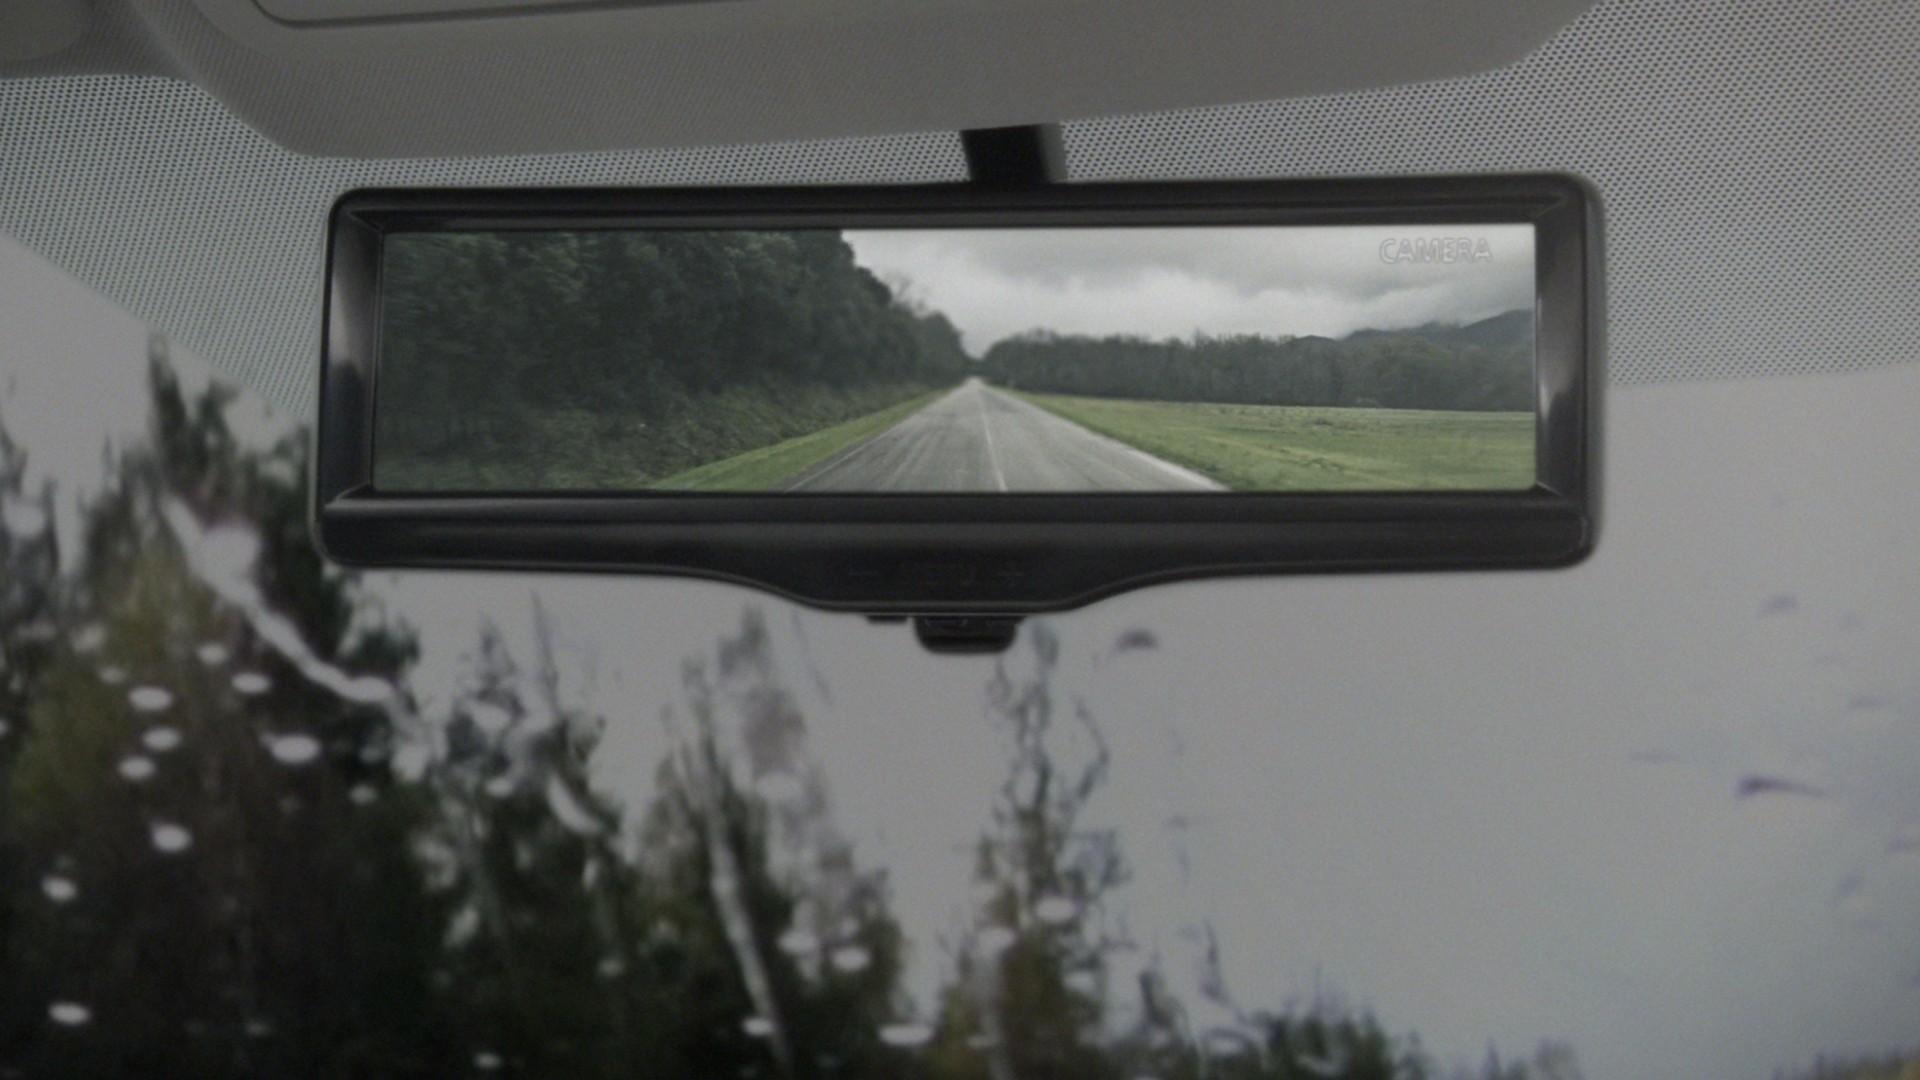 Rétroviseur intelligent sous des conditions de fortes pluies